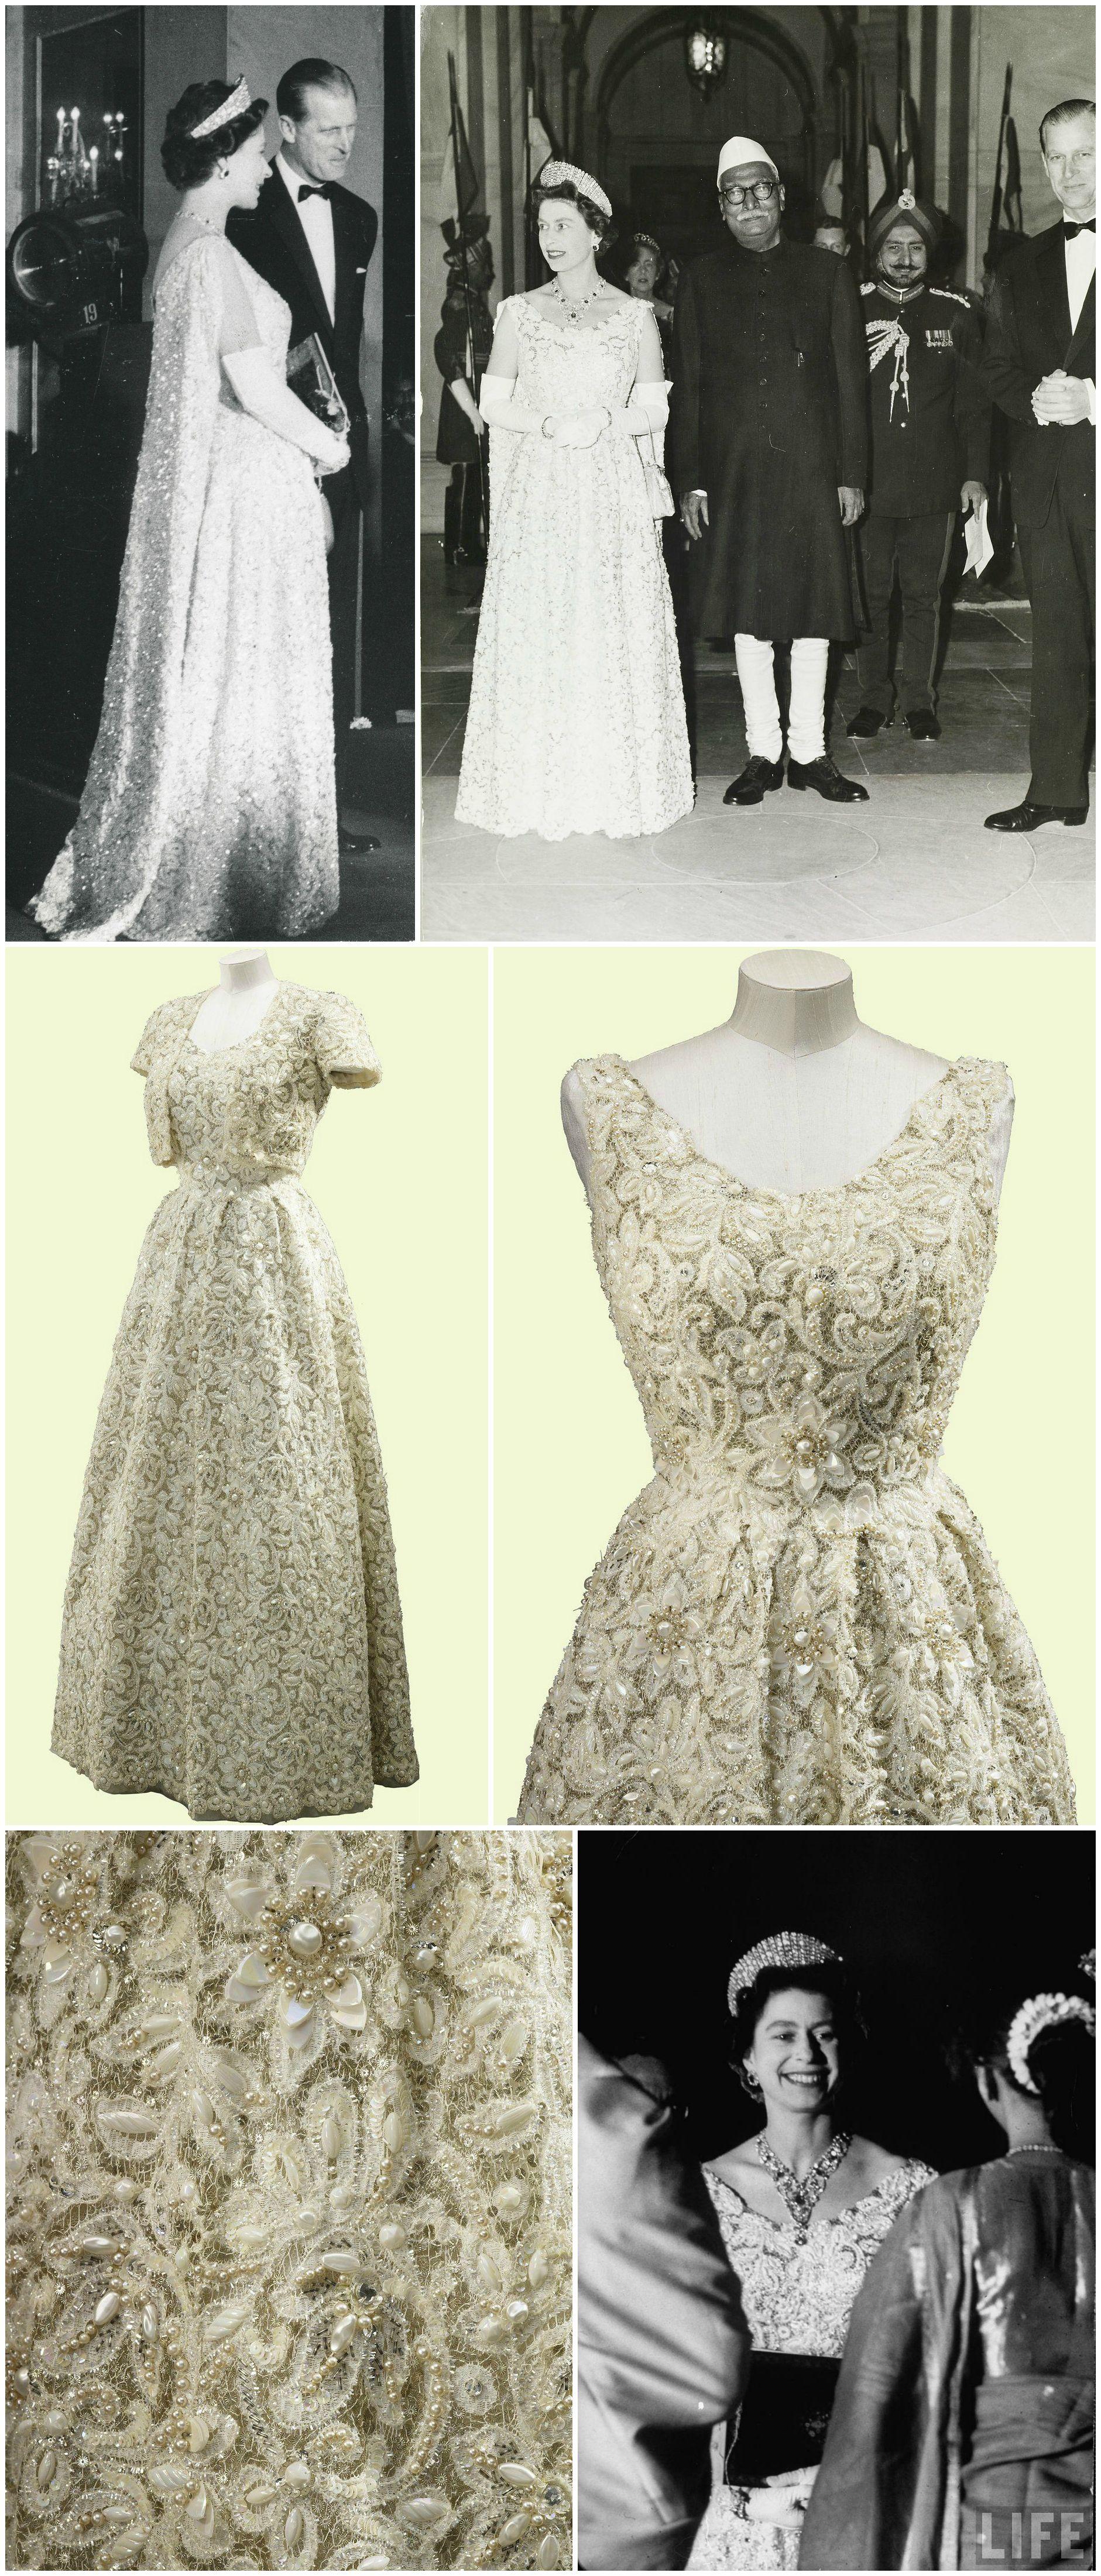 Evening dress by norman hartnell worn by hm queen elizabeth ii